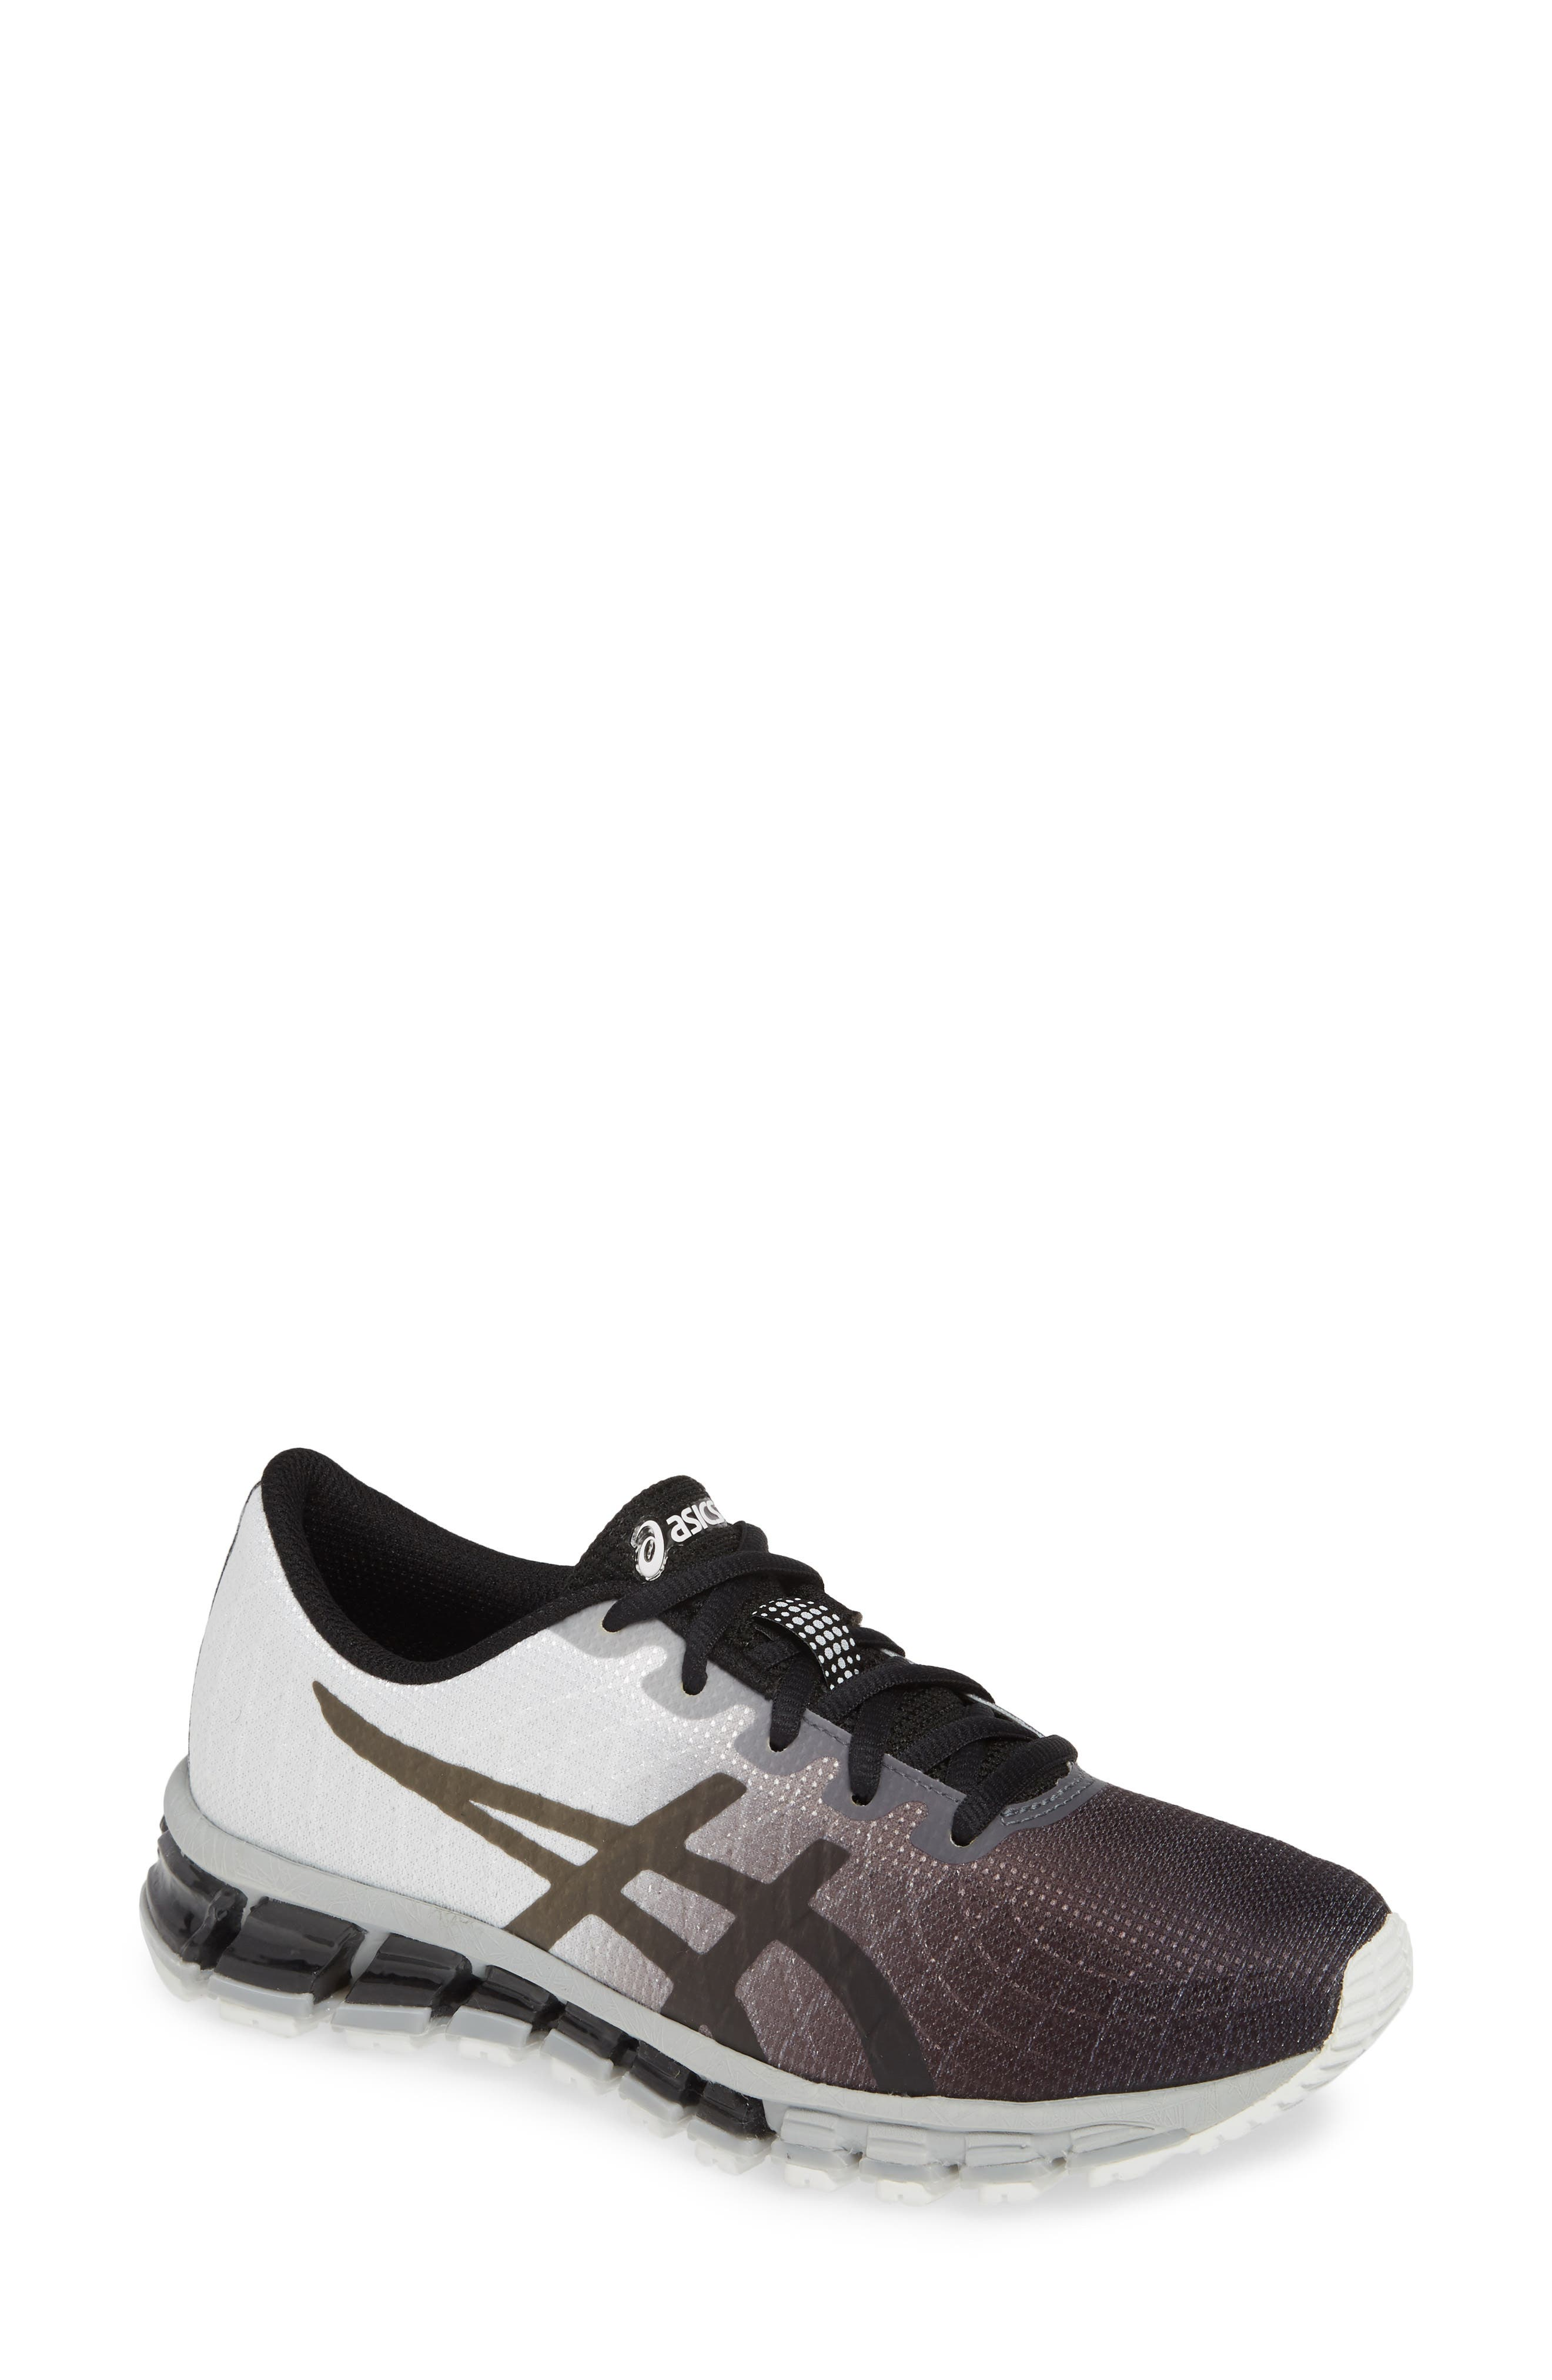 Asics Gel-Quantum 180 4 Running Shoe B - Black